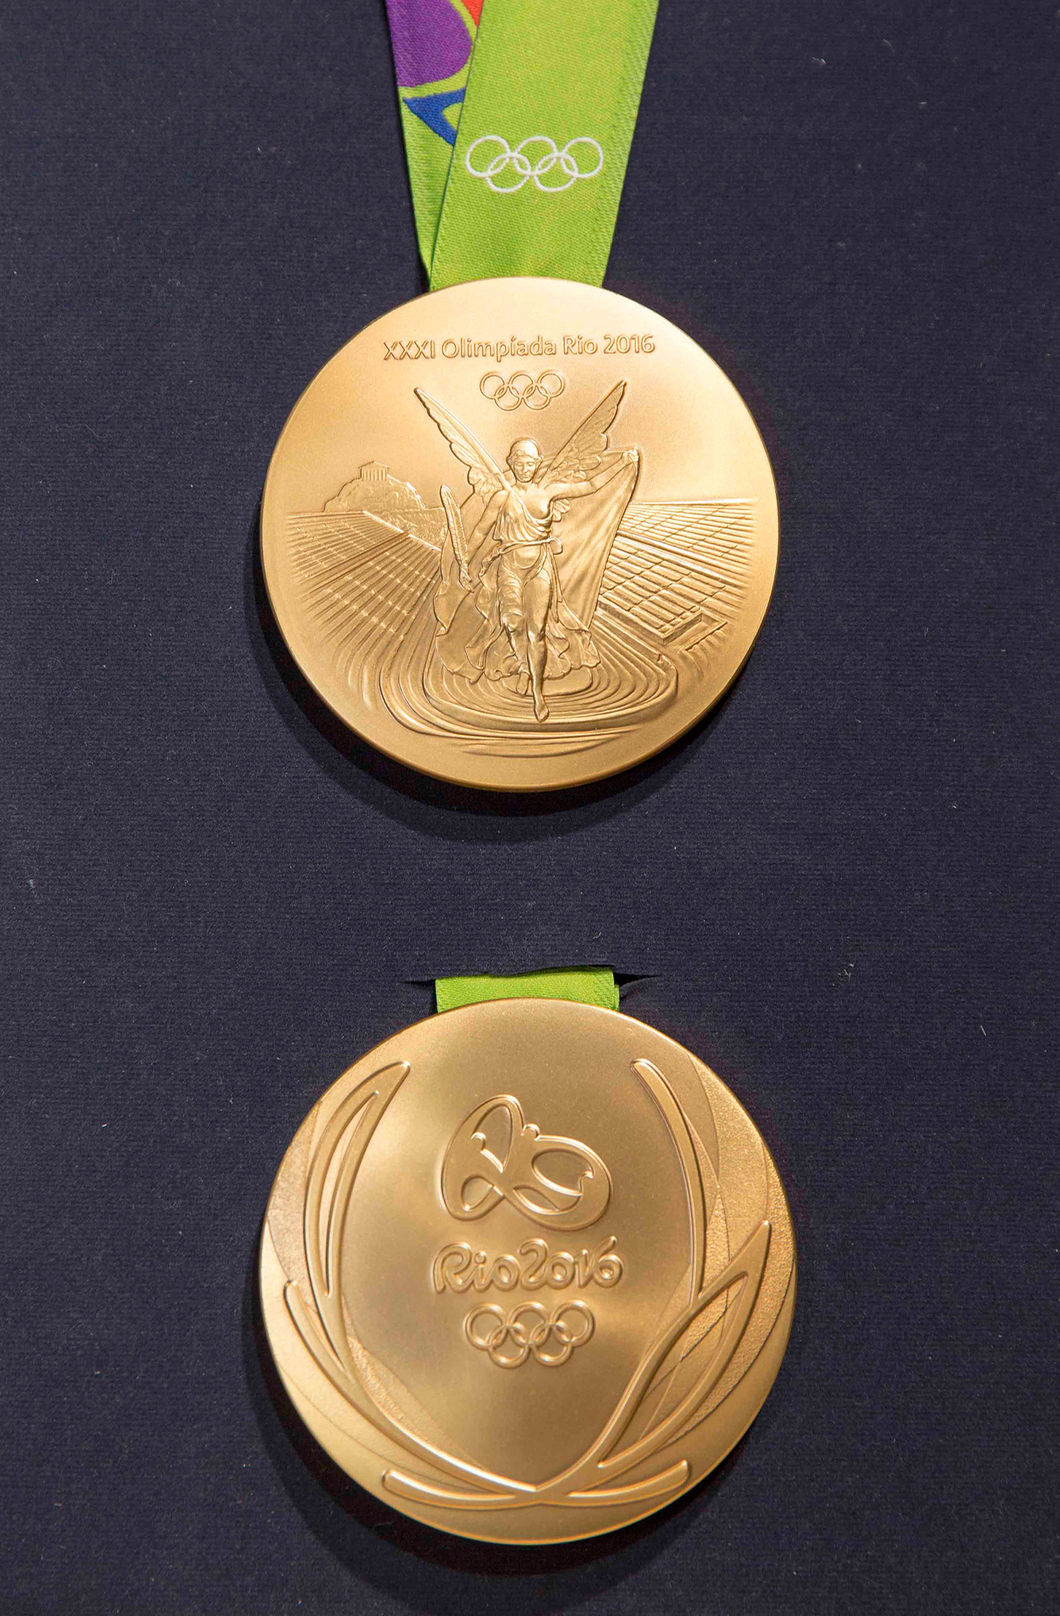 Médaille d'Or Jeux Olympiques de Rio 2016